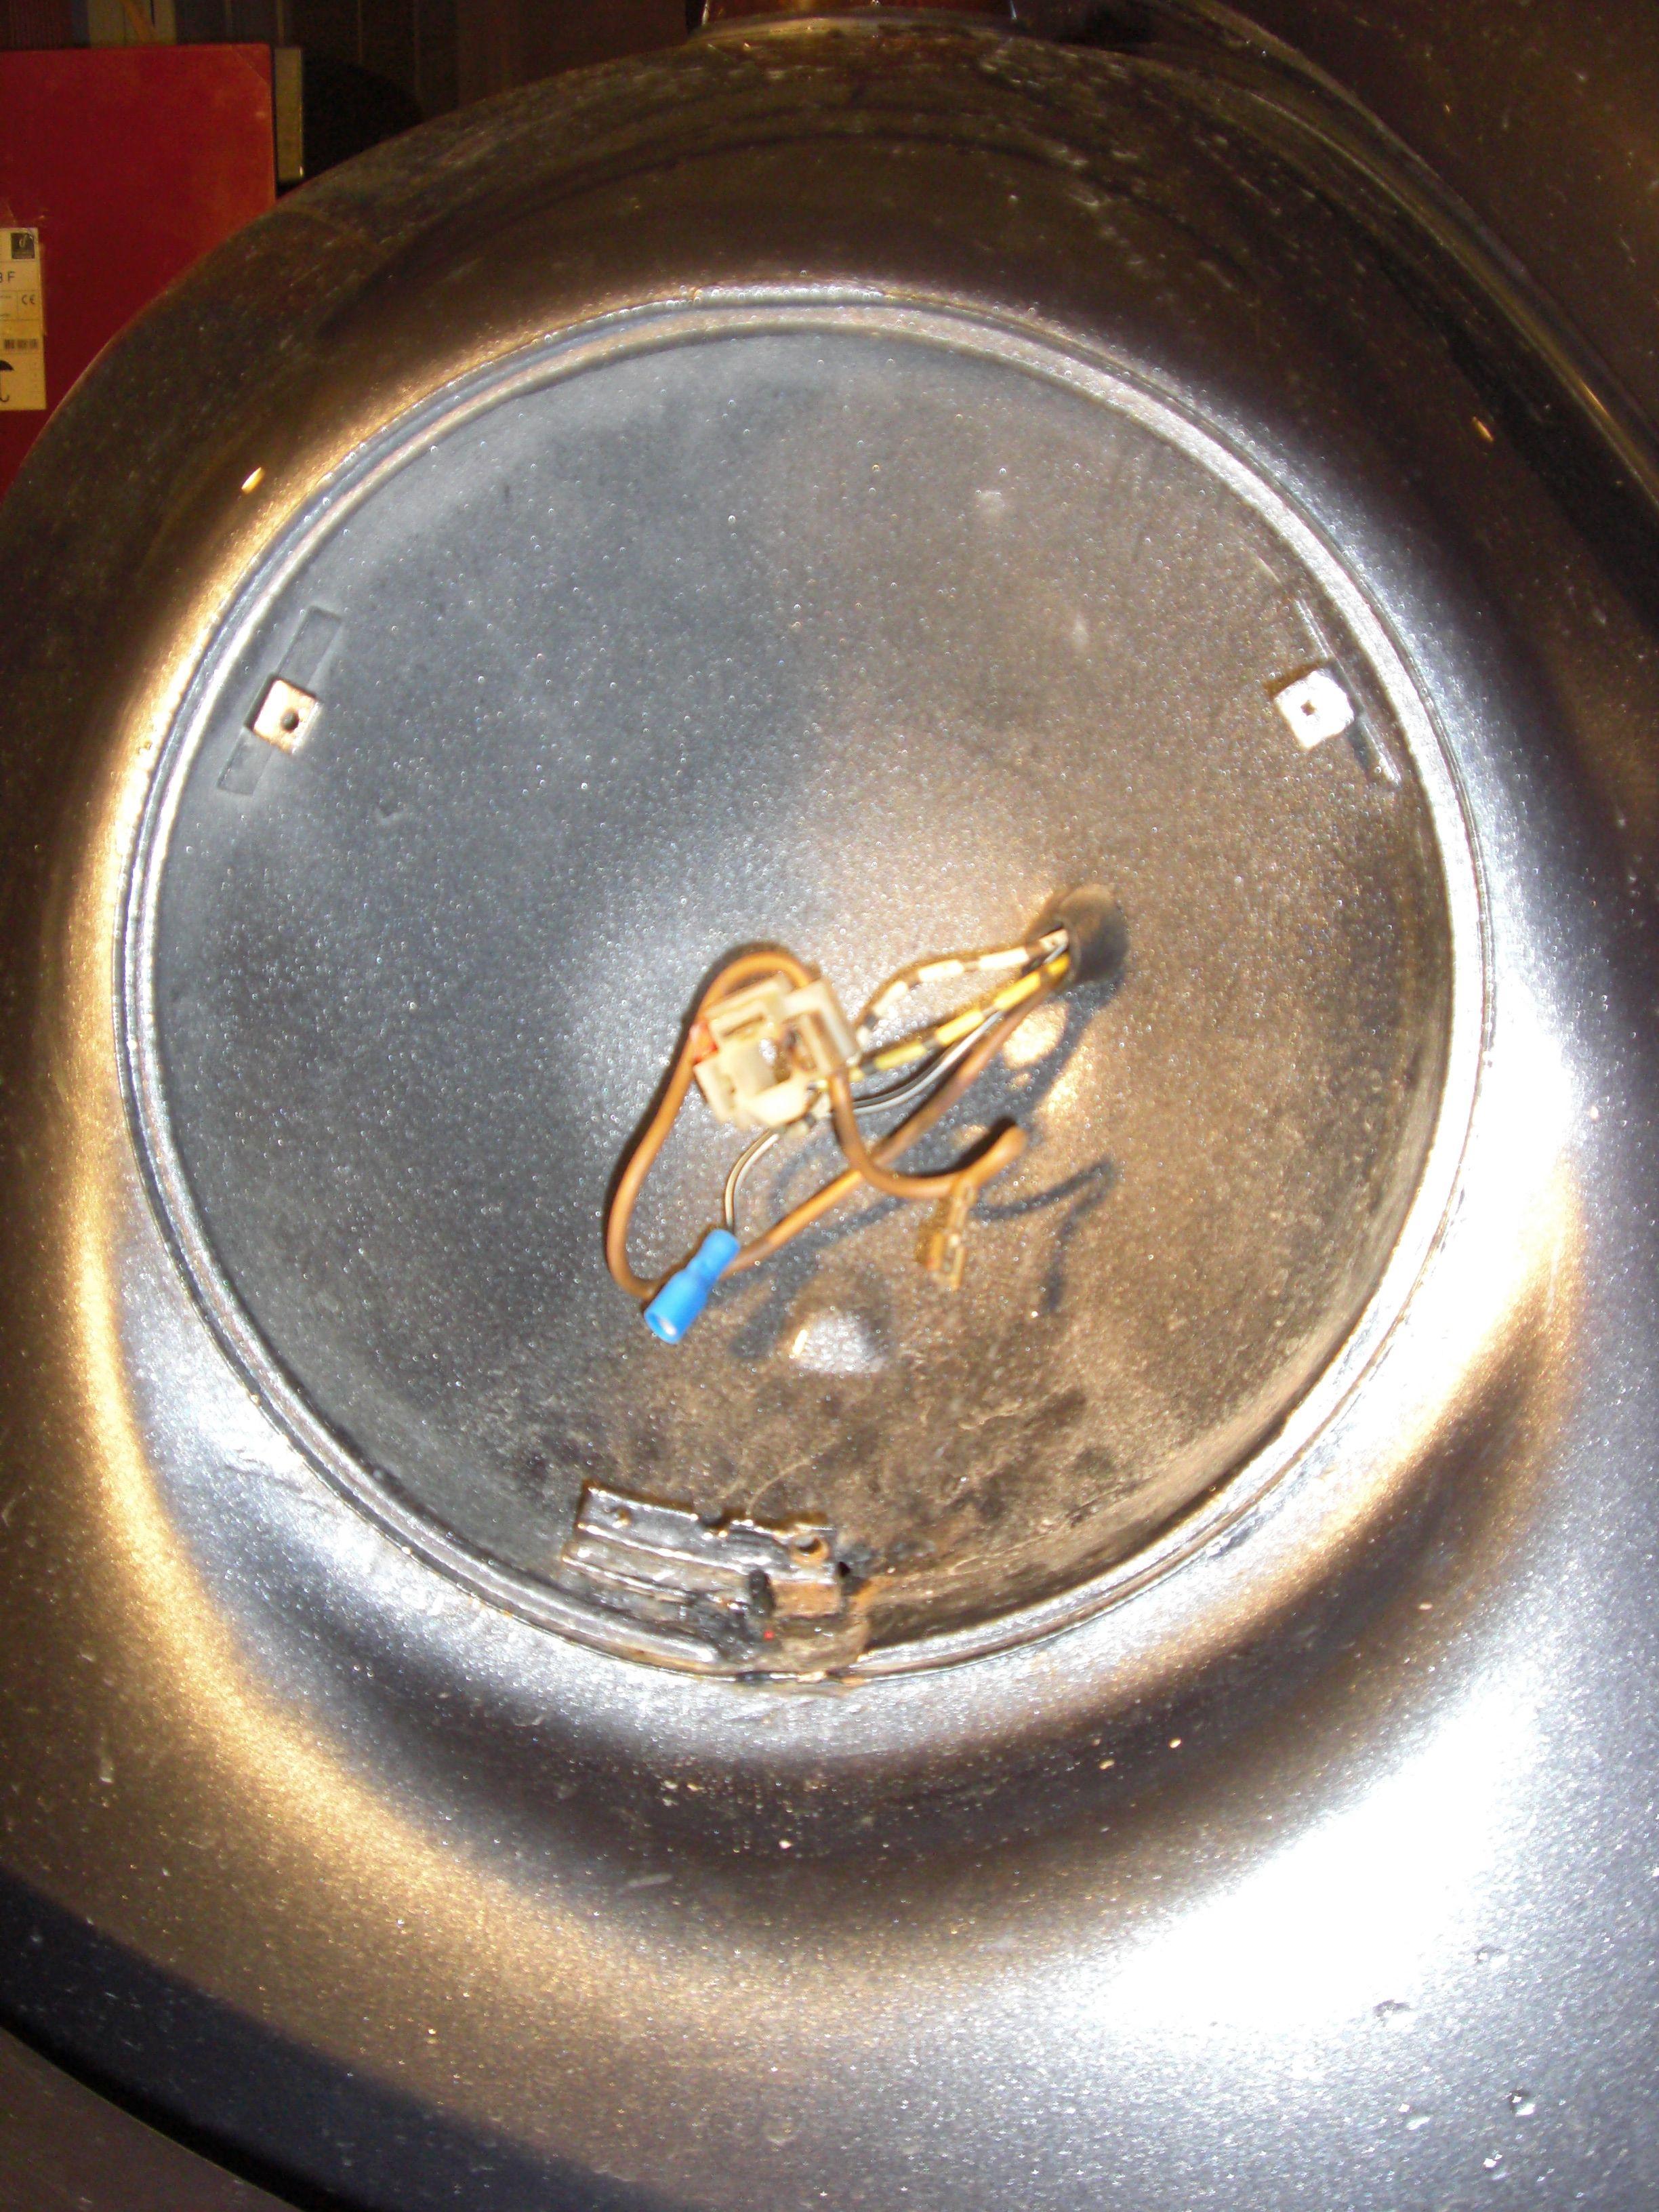 phare angel eyes adaptable sur vw1302 de 72? 473017Pharedmont